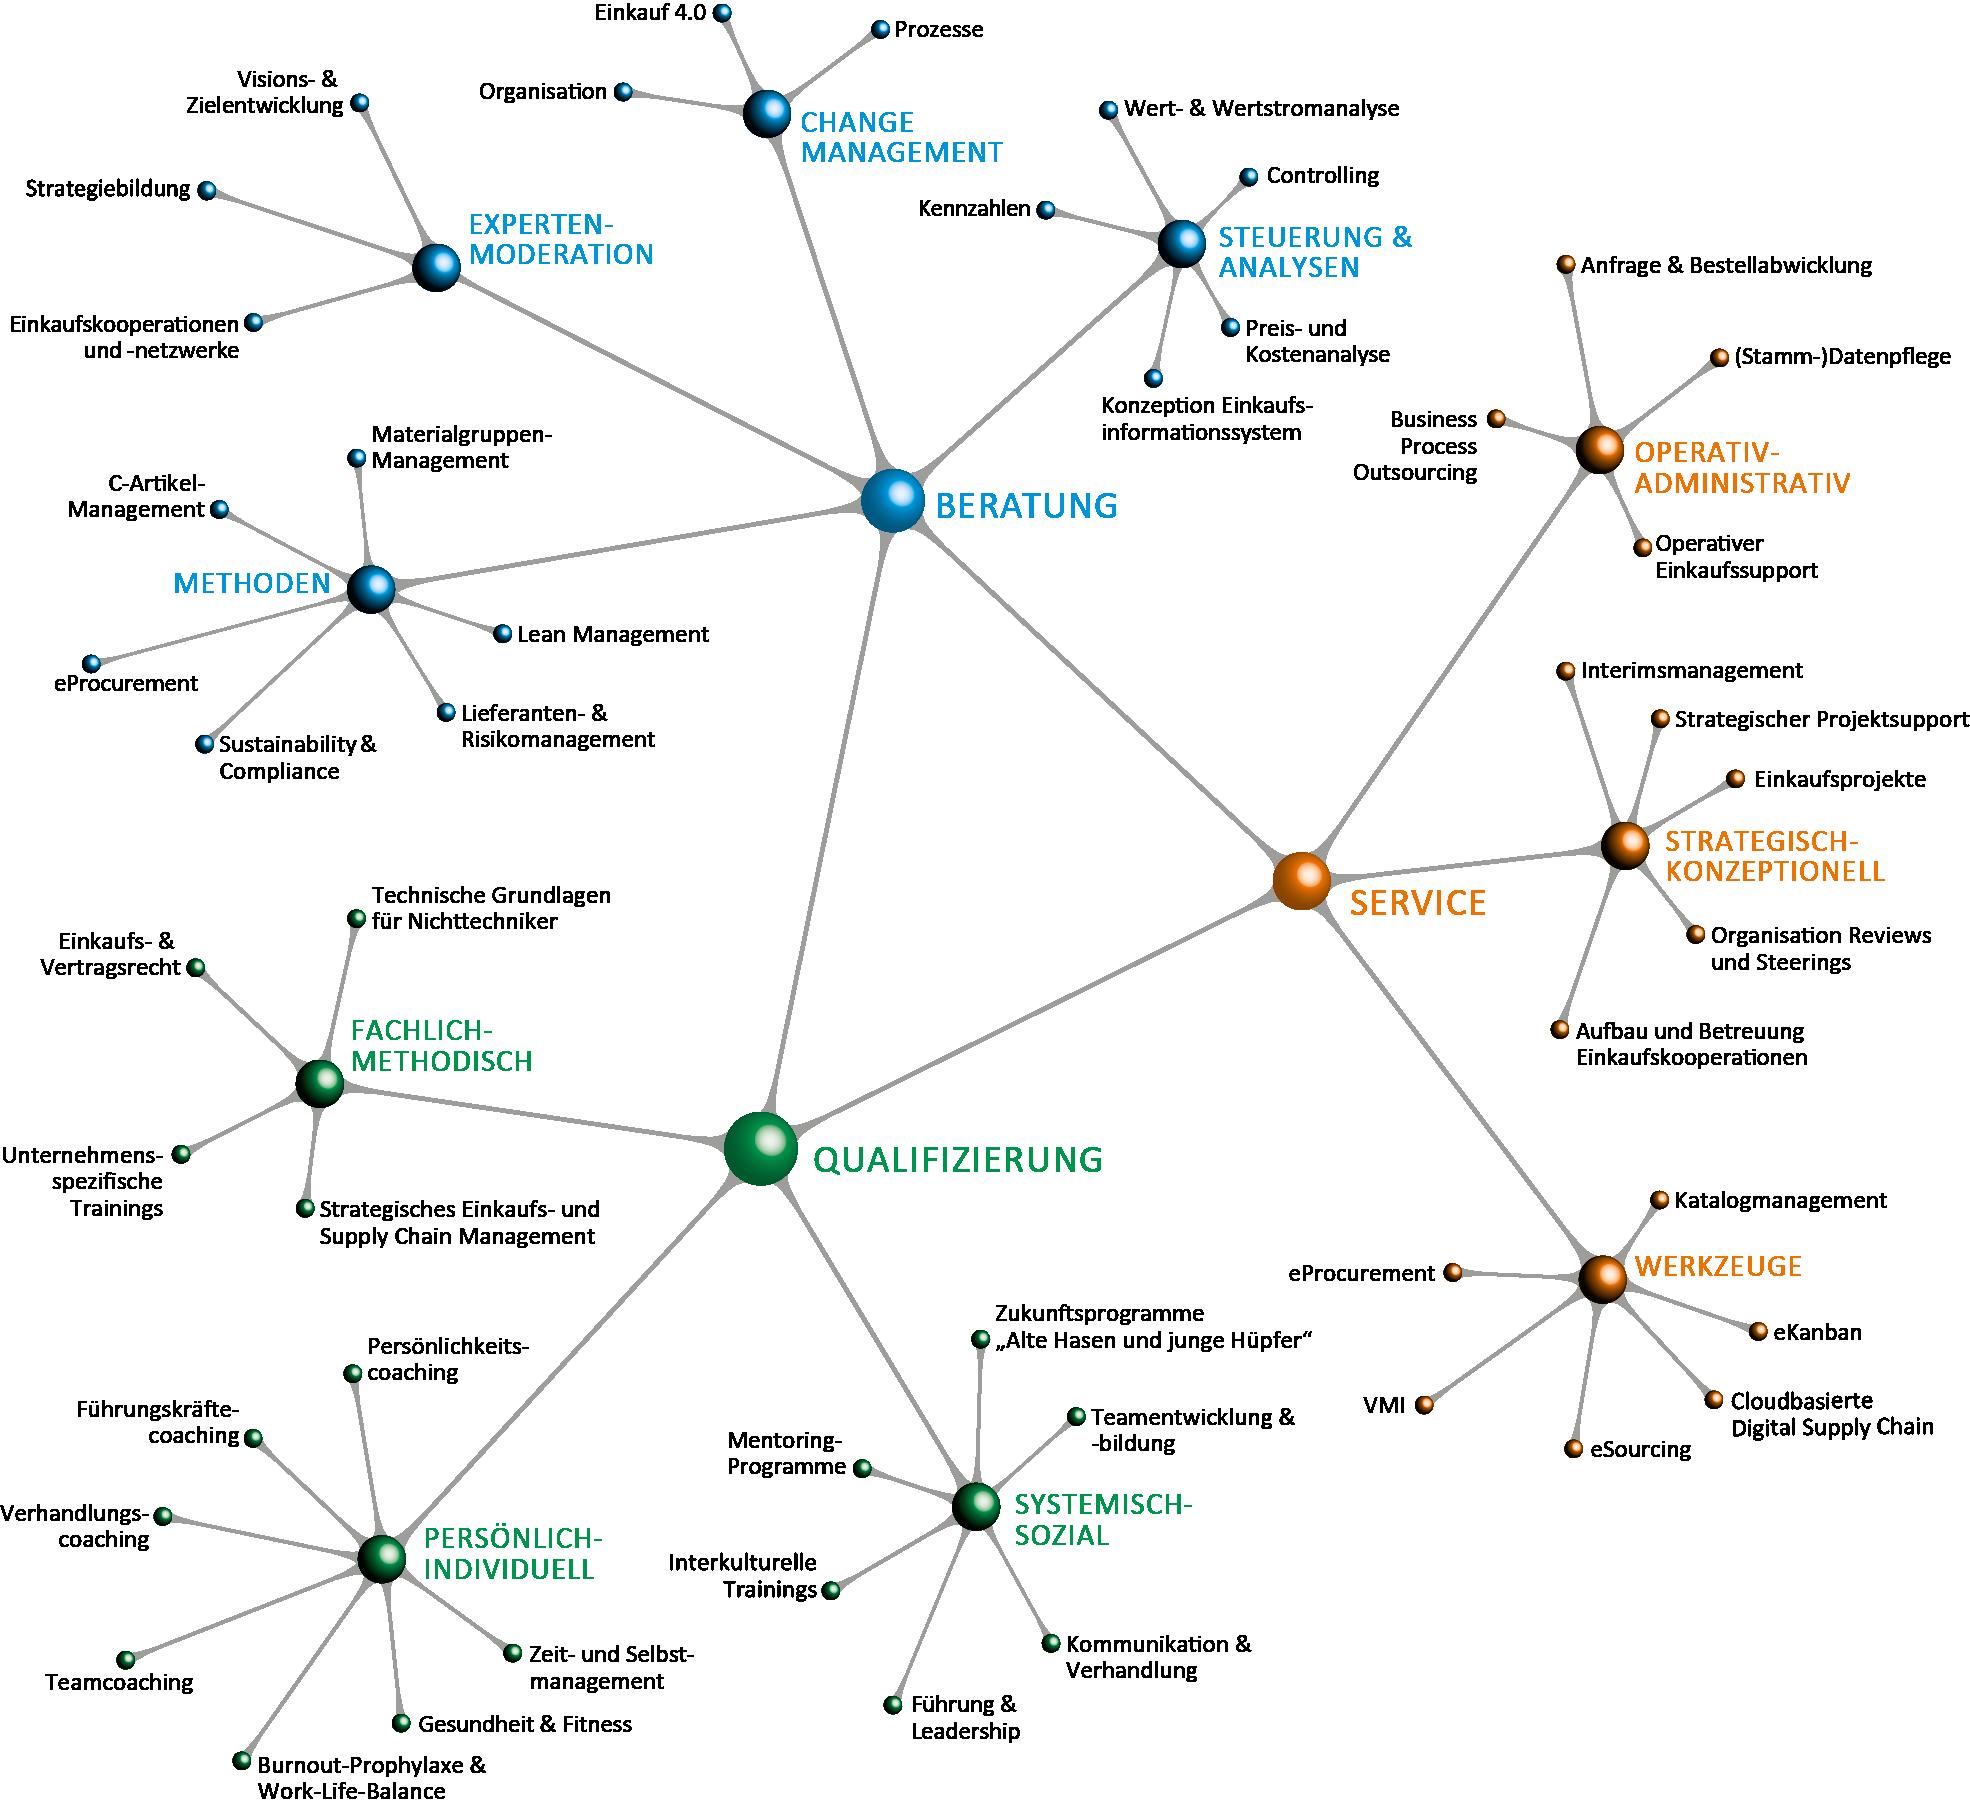 Grafik die die Vernetzung der verschiedenen Kompetenzen von PROGRESS CONSULTING zeigt.